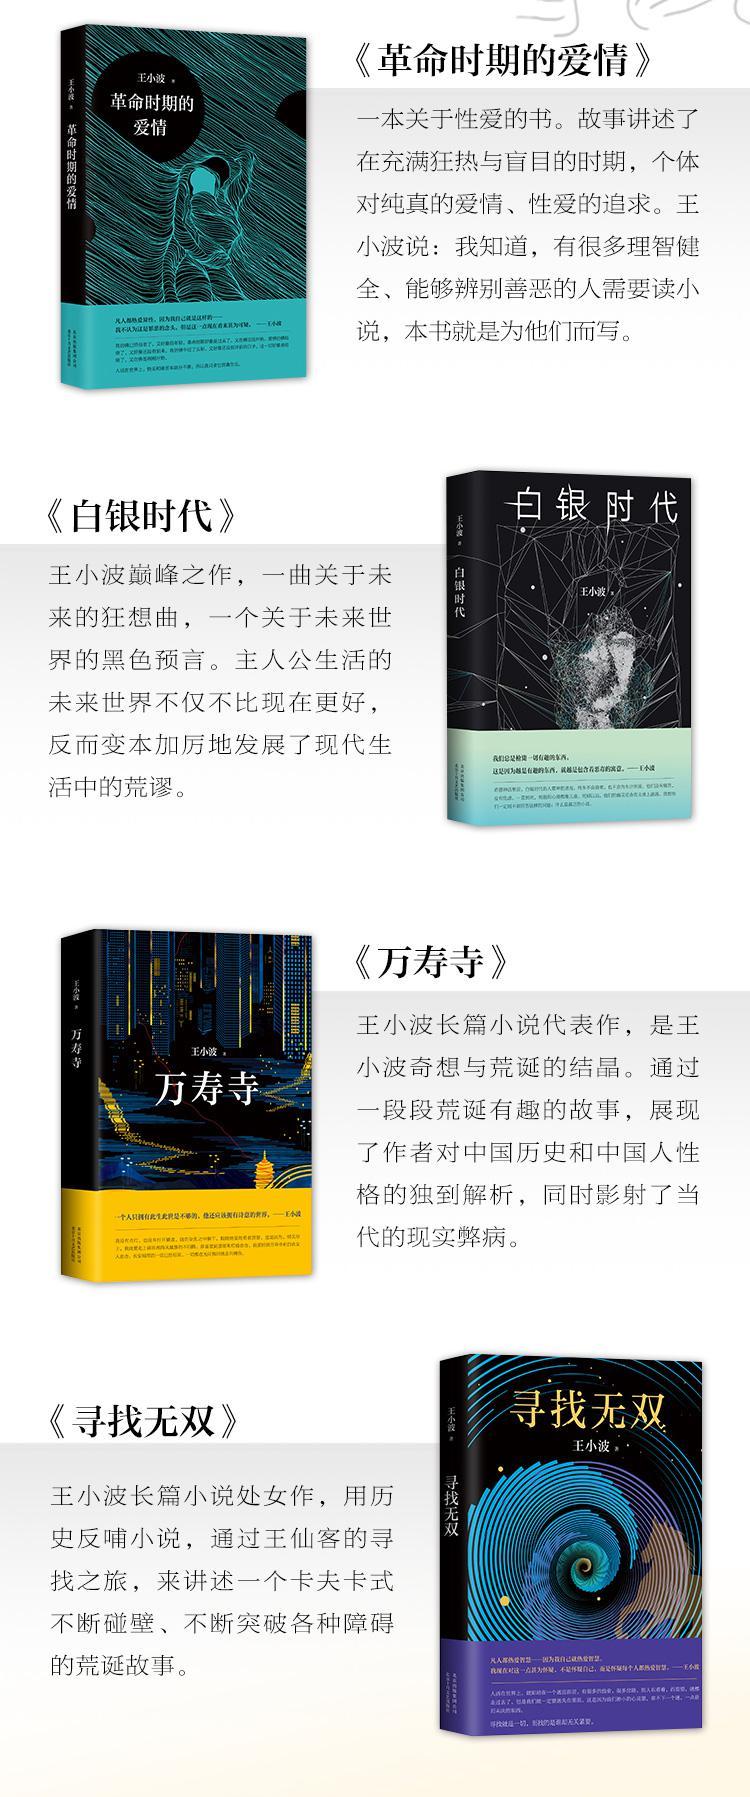 [赠书]写给新的一年 王小波图书送给明年更好的你